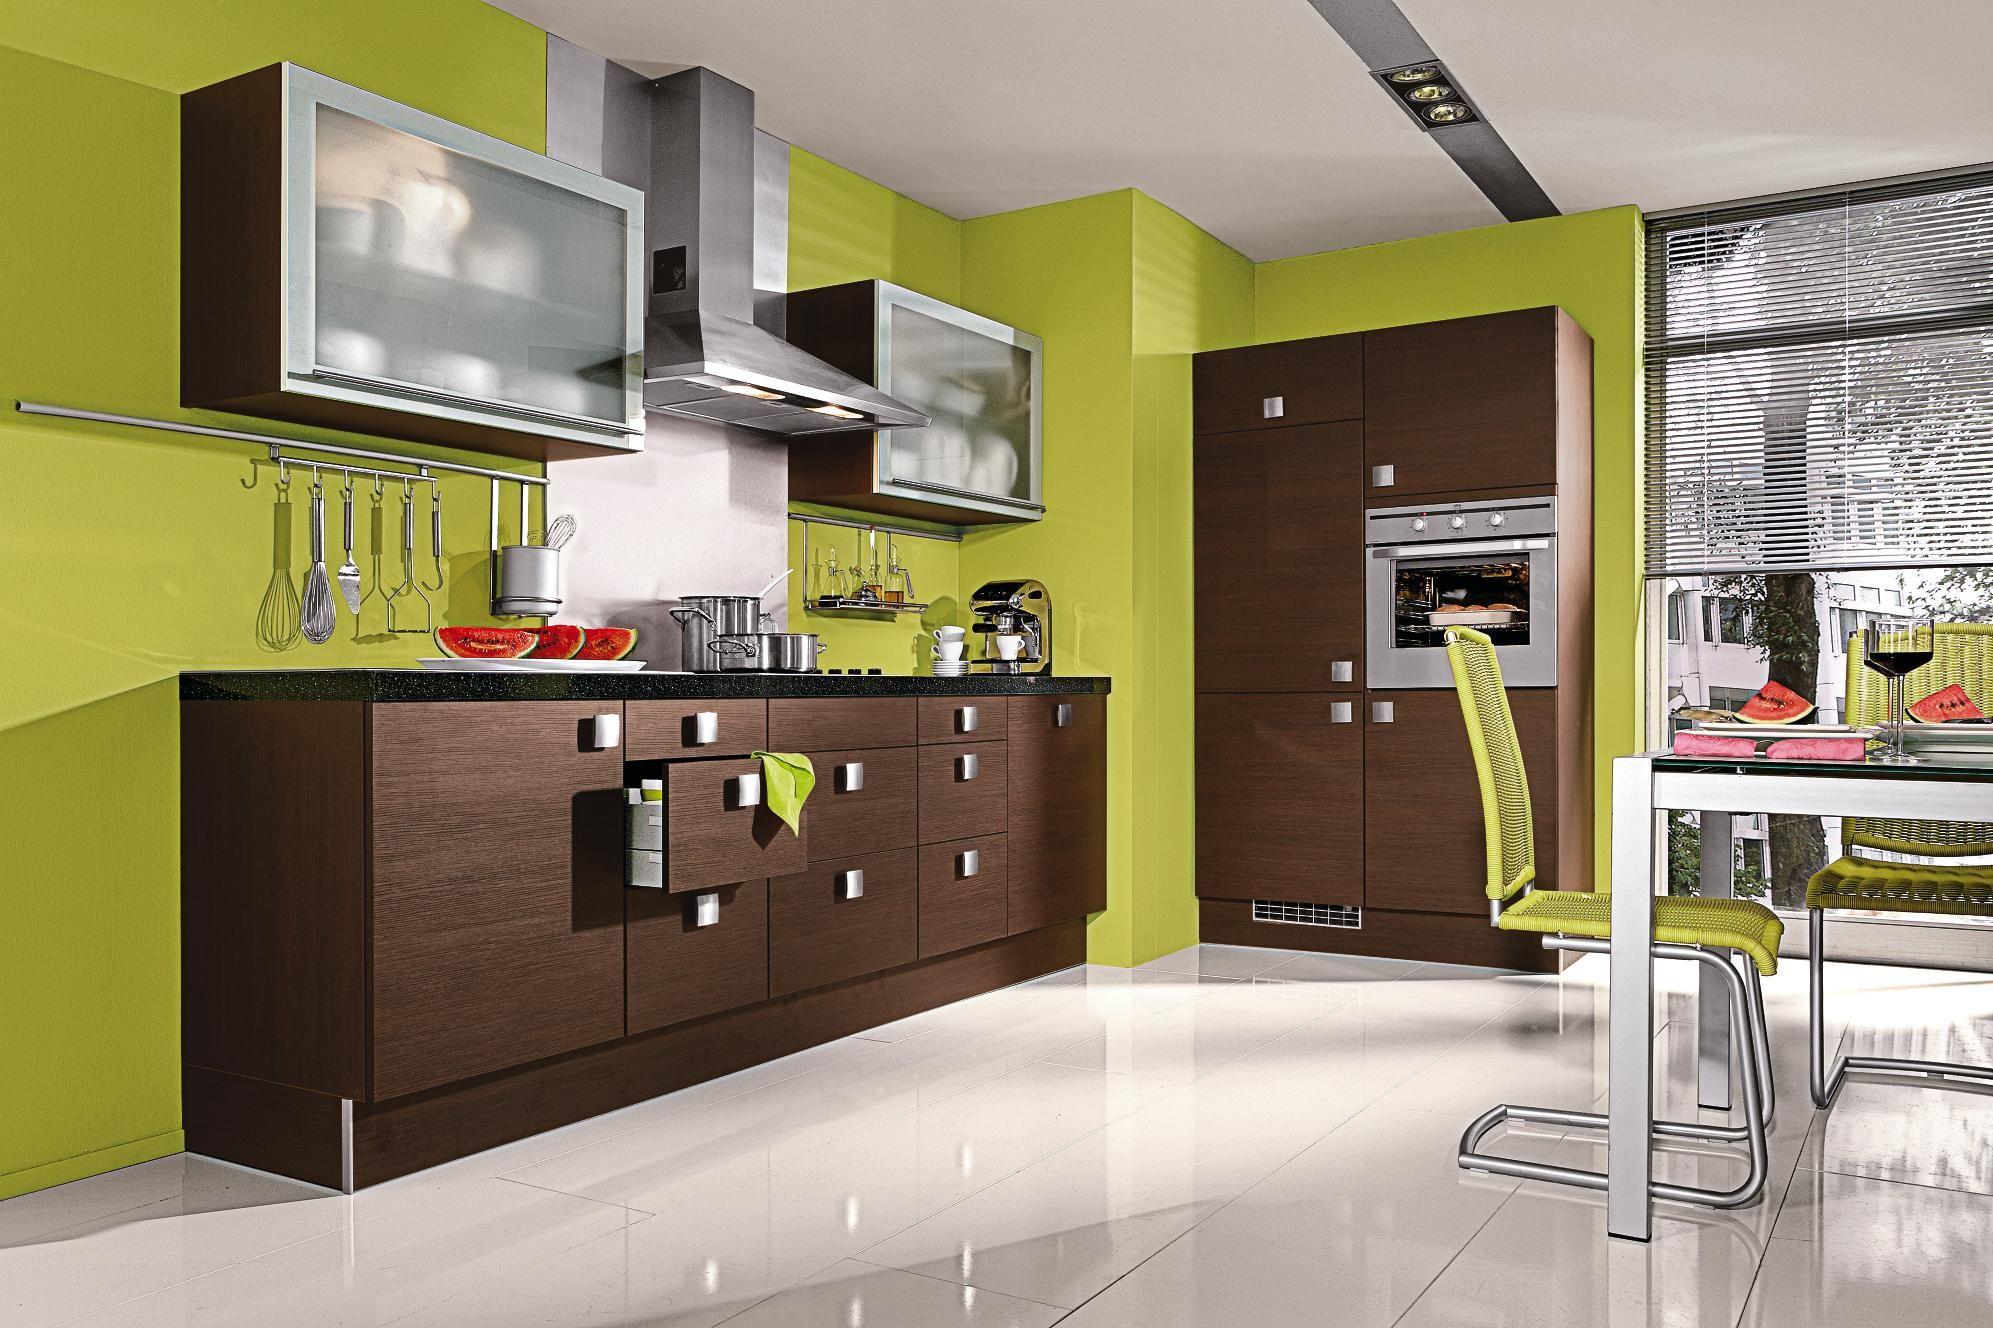 Einbauküche Einbauküche, Küche, Eingebaut